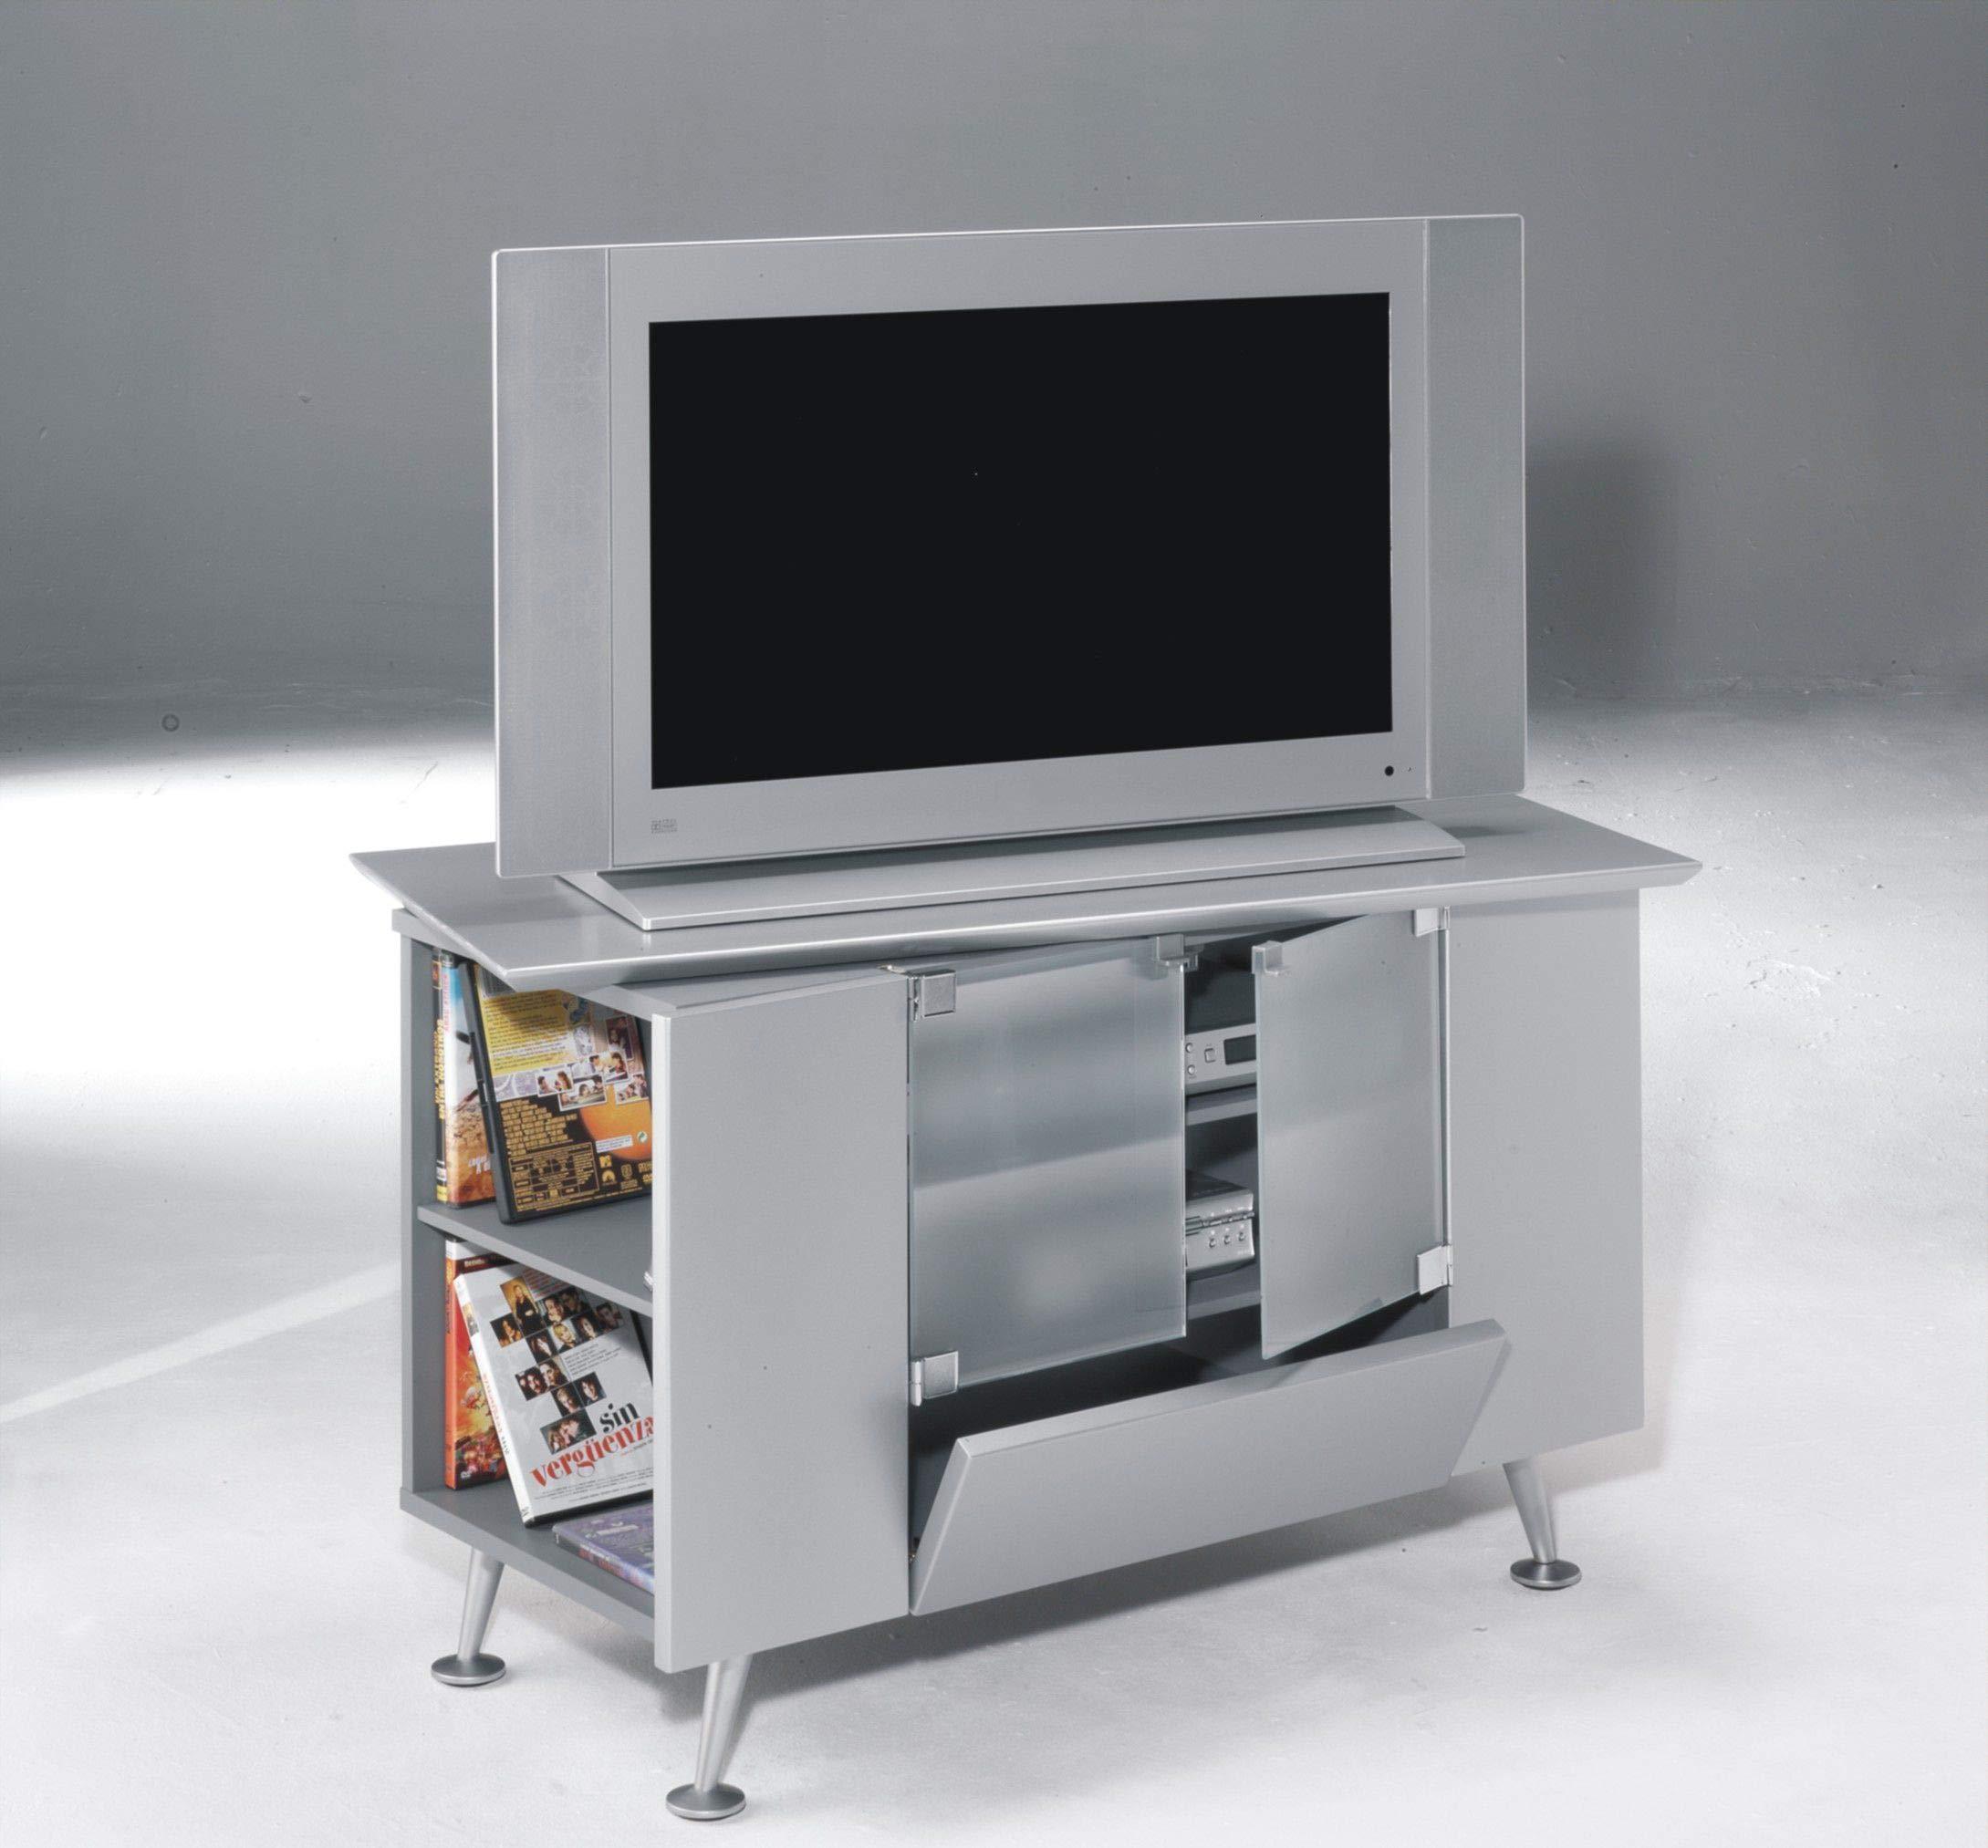 SUÁREZ Mesa TV, 94x60x53cm: Amazon.es: Juguetes y juegos